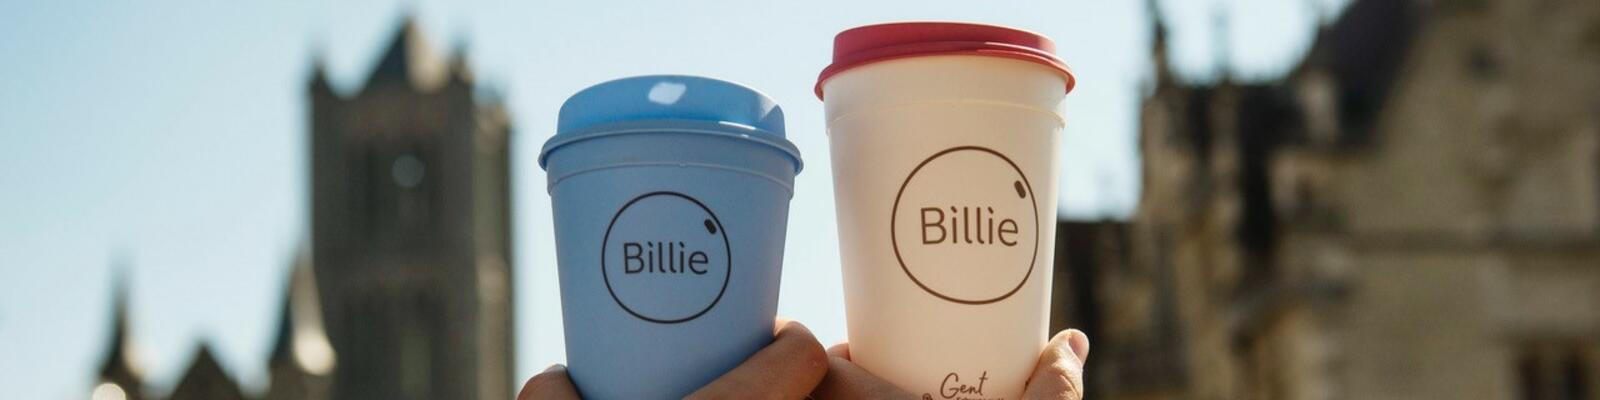 Billiecup Gent